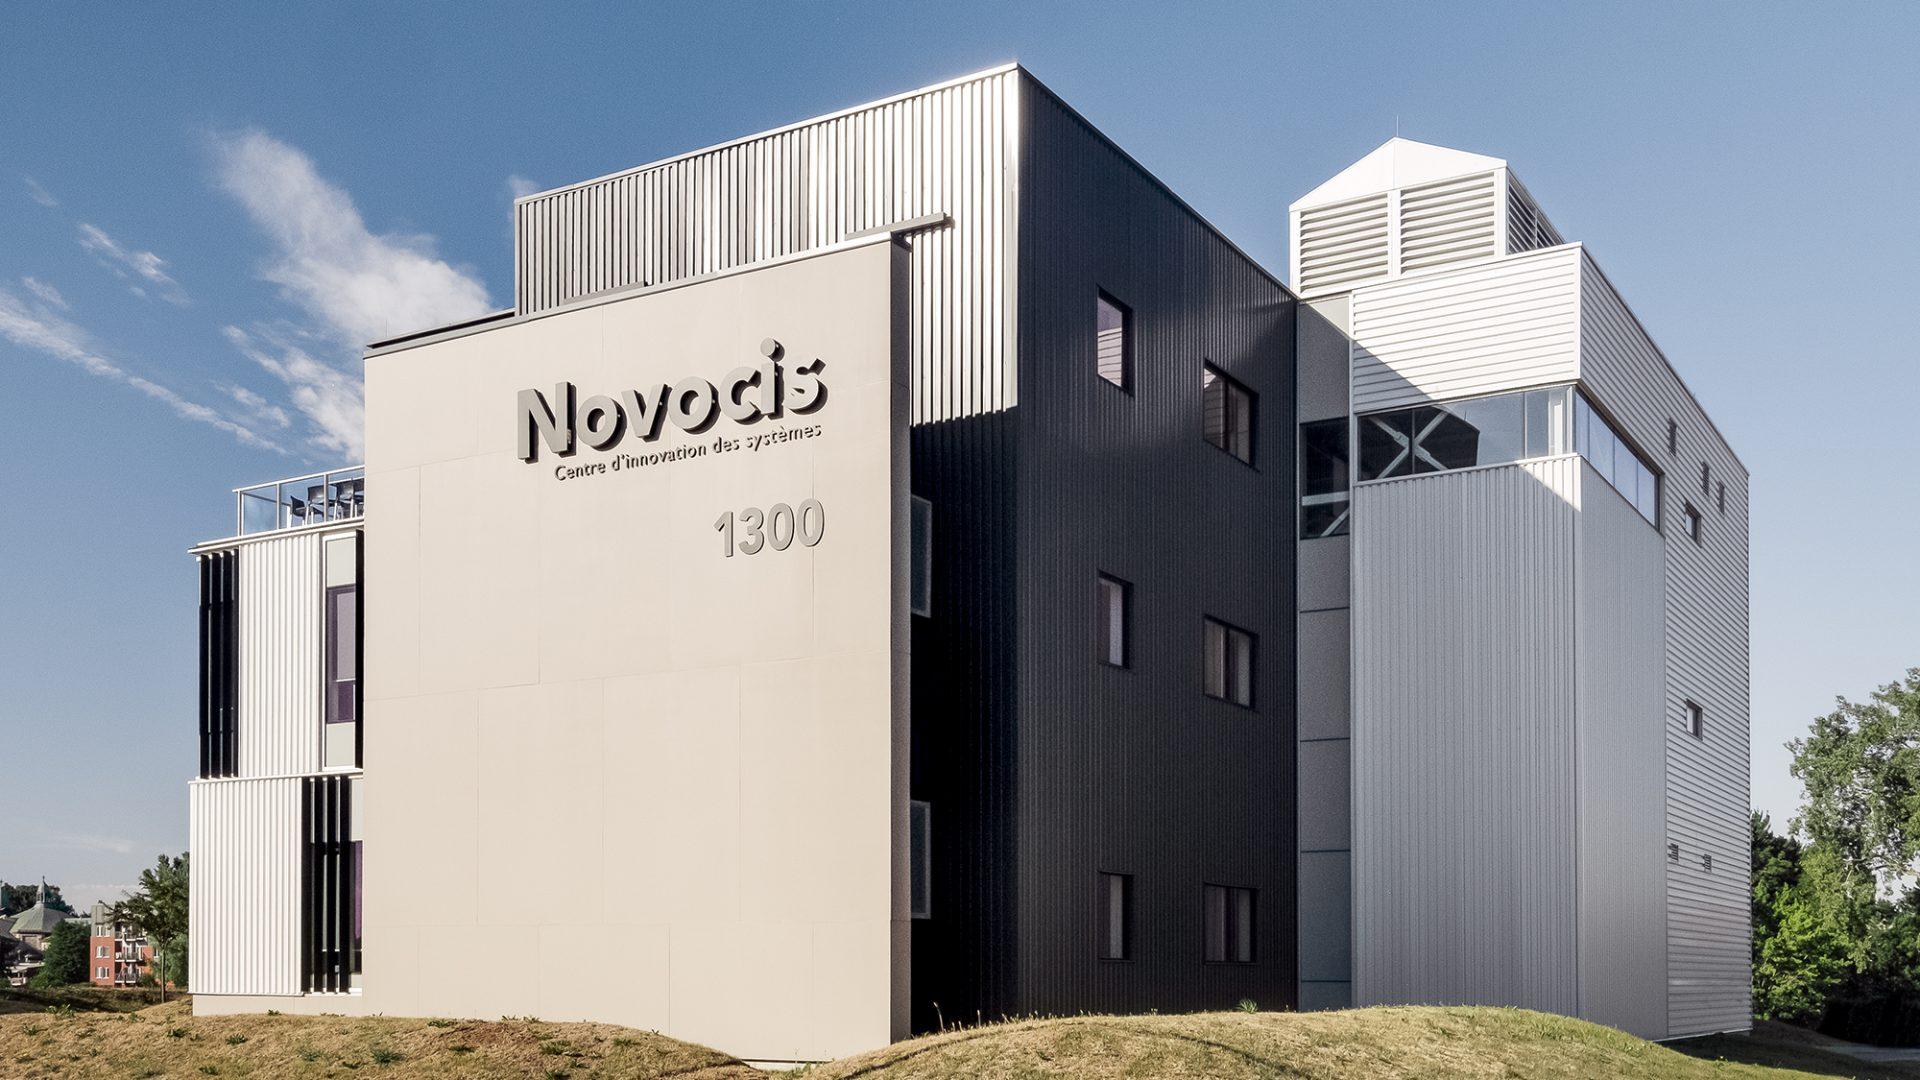 Novocis